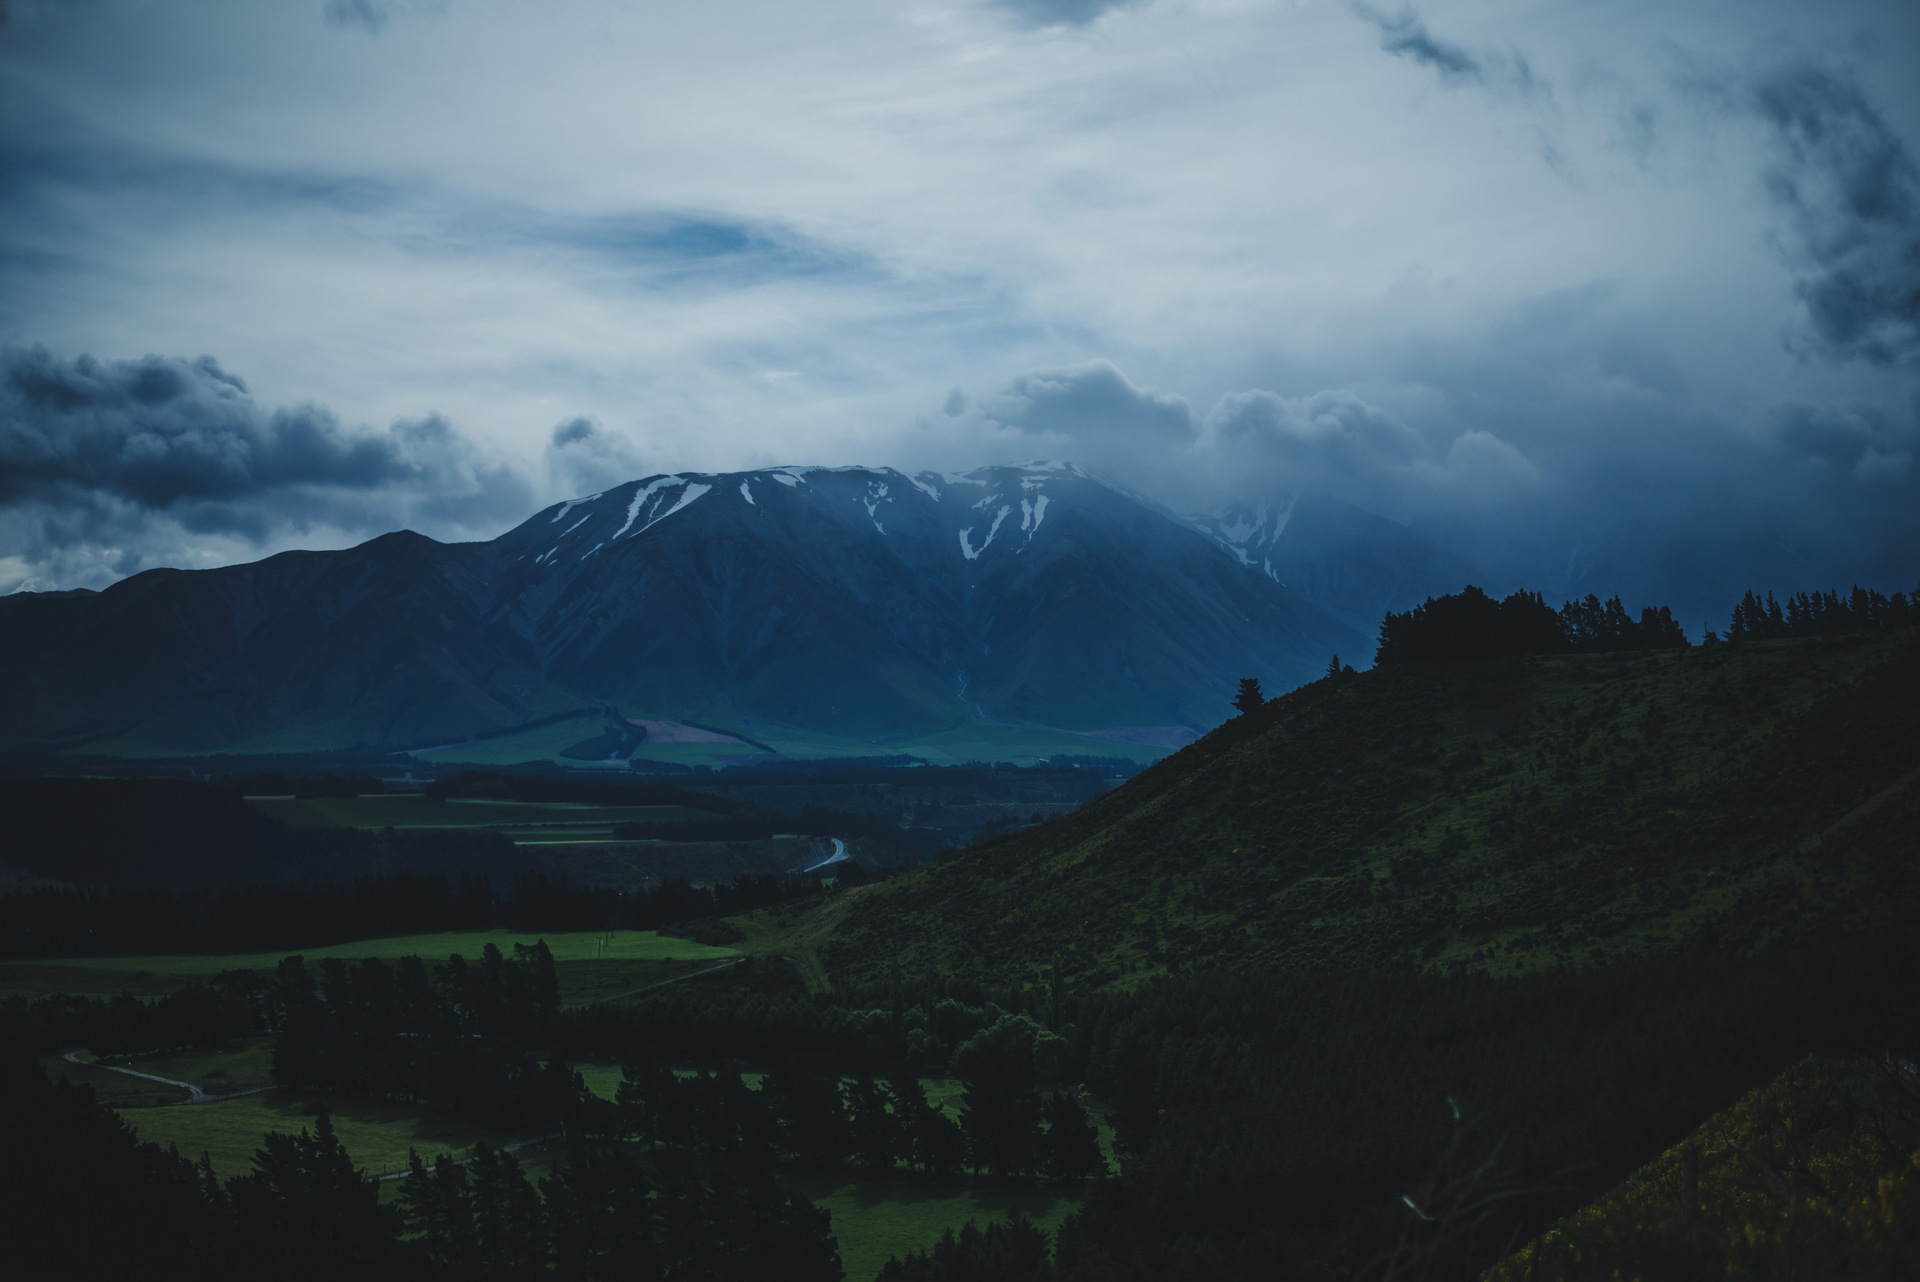 nowa zelandia krajobrazy